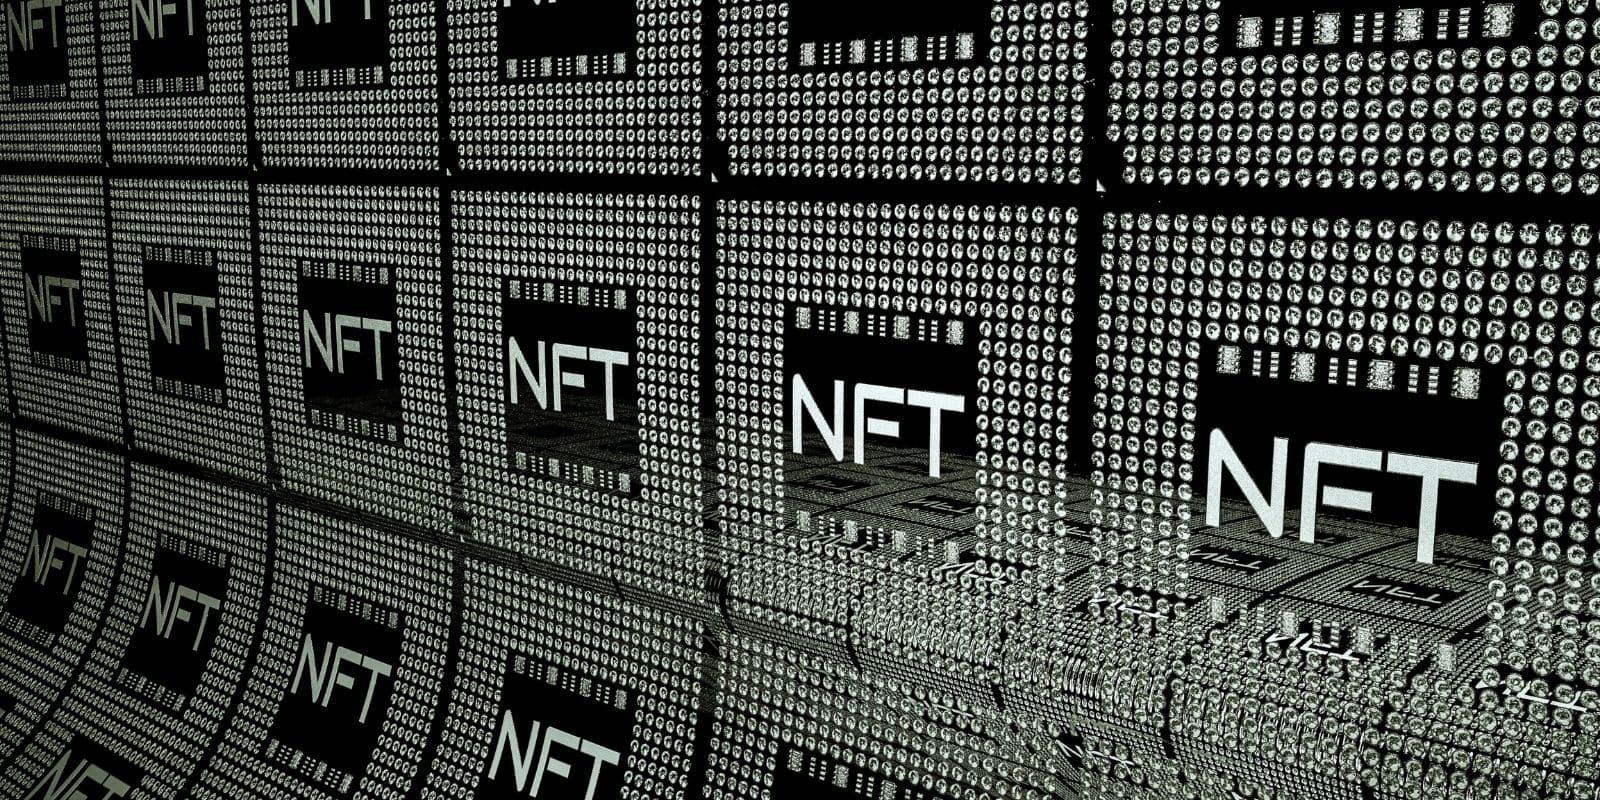 Filecoin (FIL) lance un service de stockage décentralisé pour les NFTs